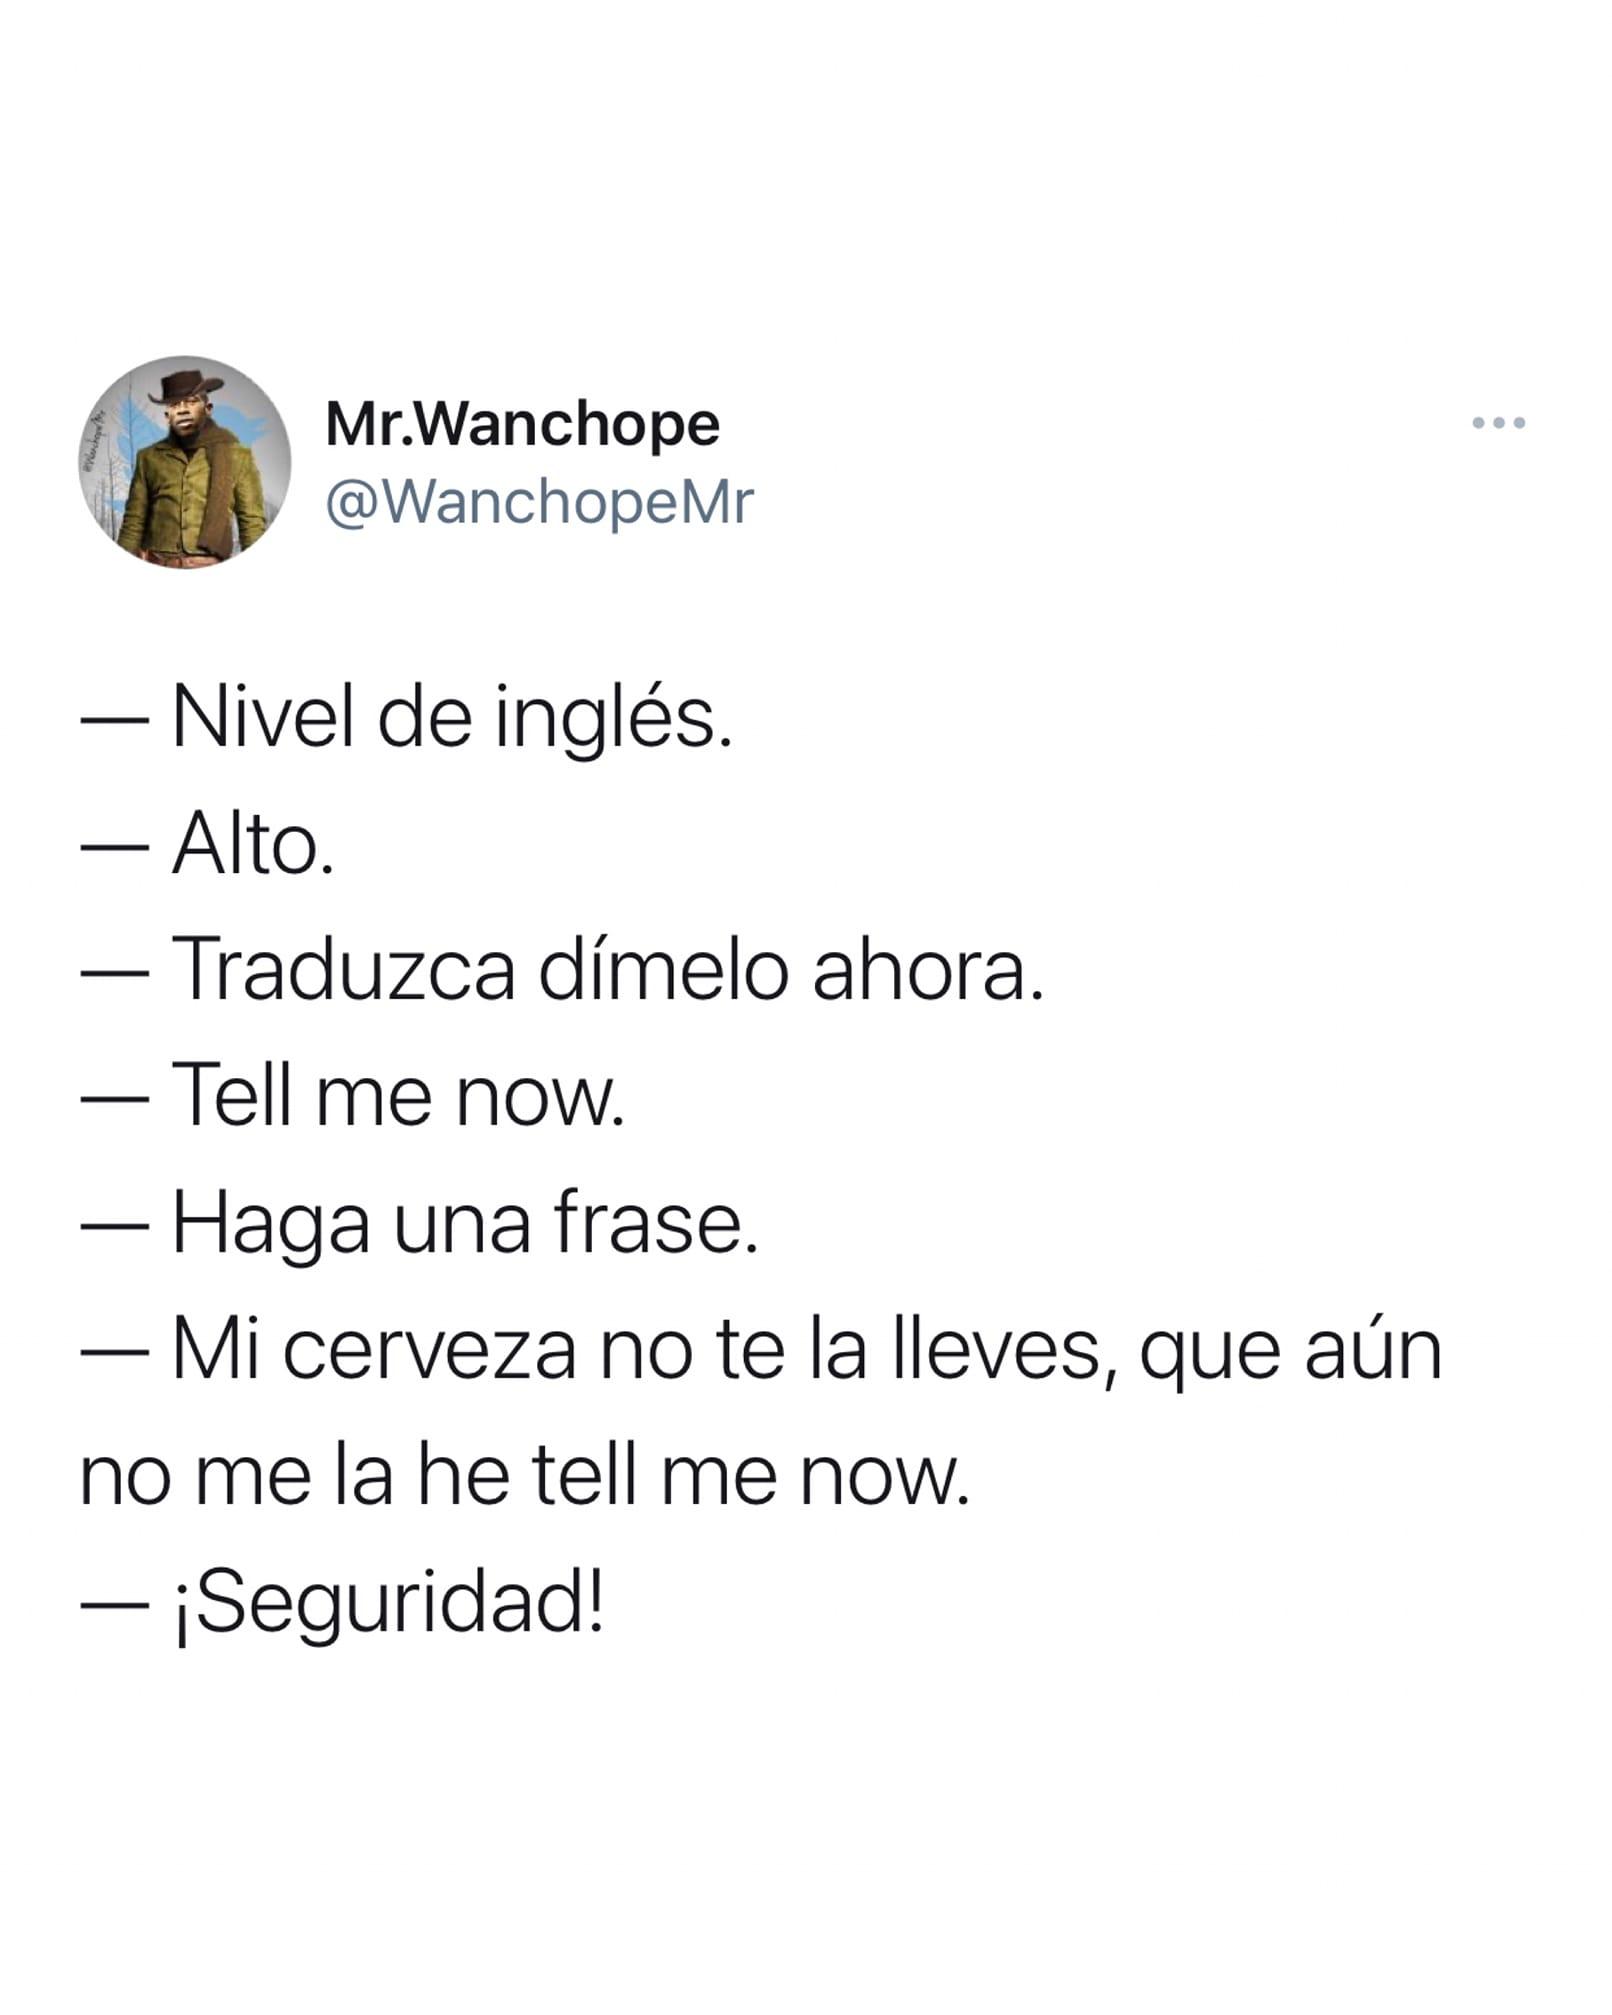 Chiste de nivel de inglés